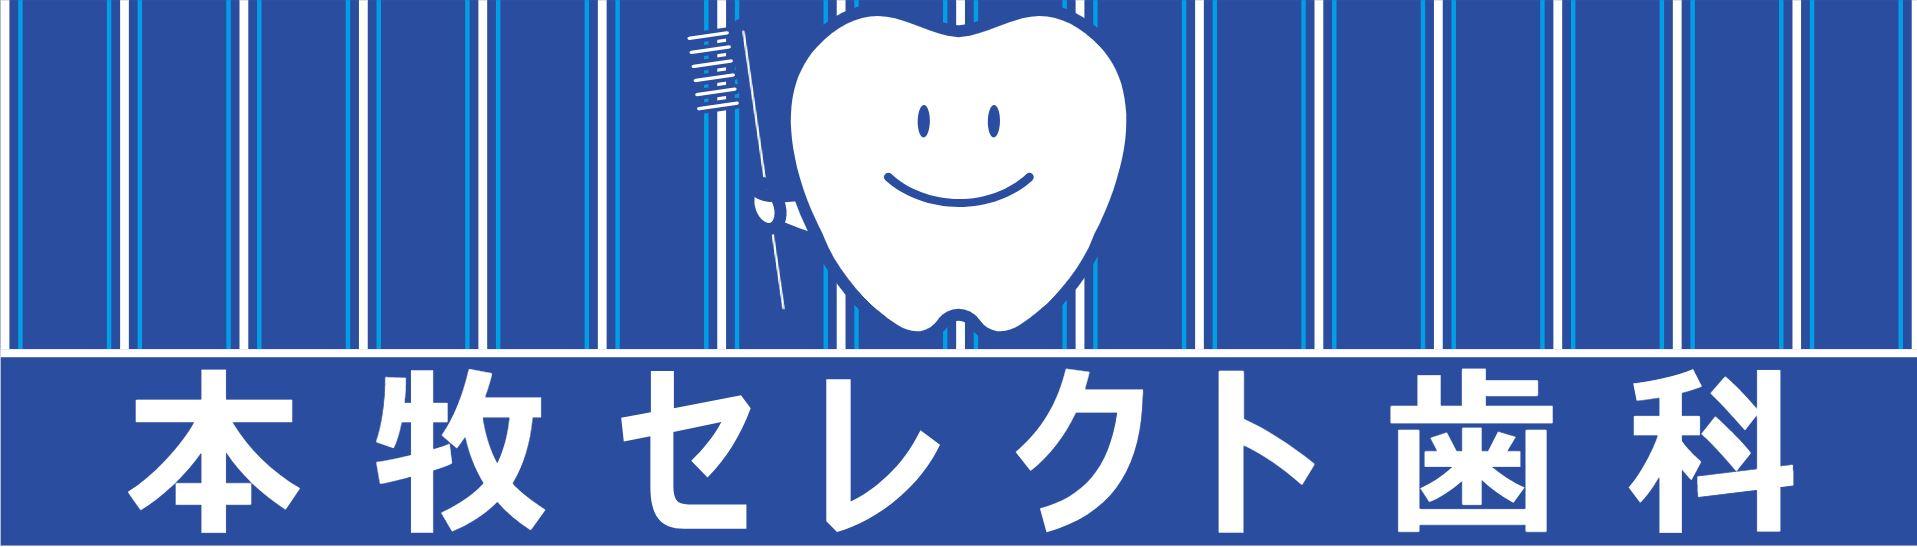 本牧セレクト歯科